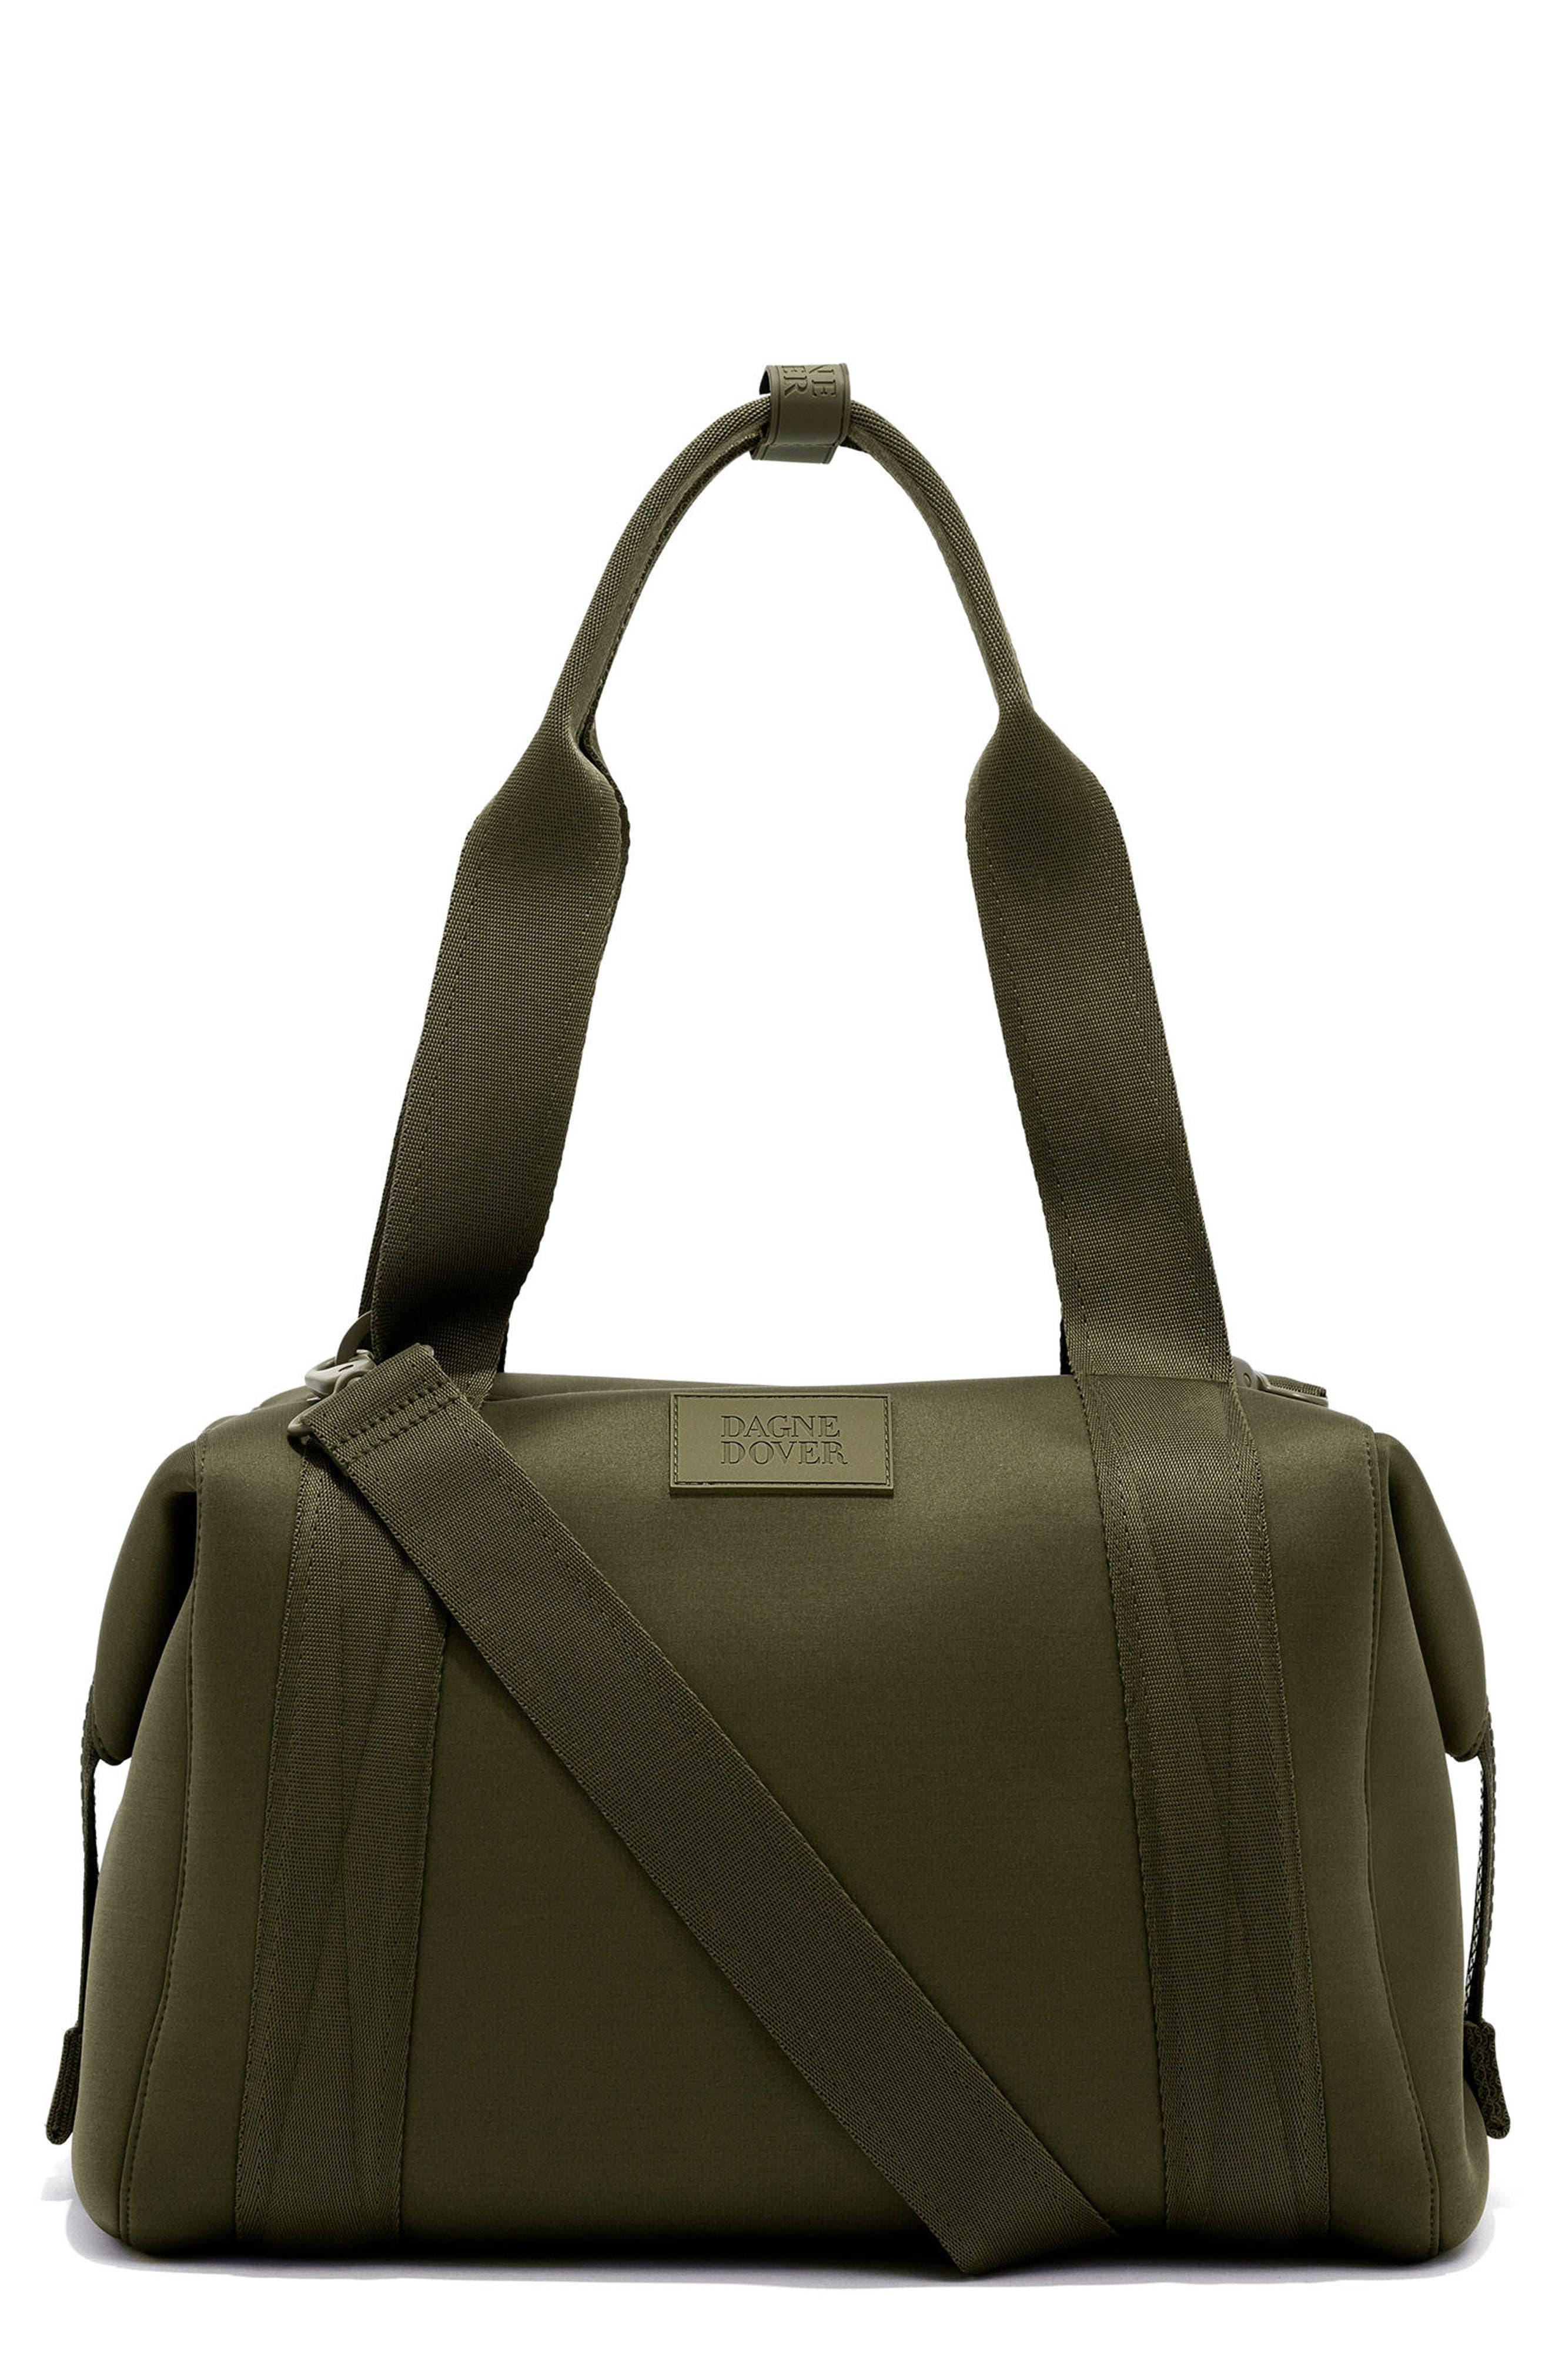 Dagne Dover Medium Landon Neoprene Duffel Bag